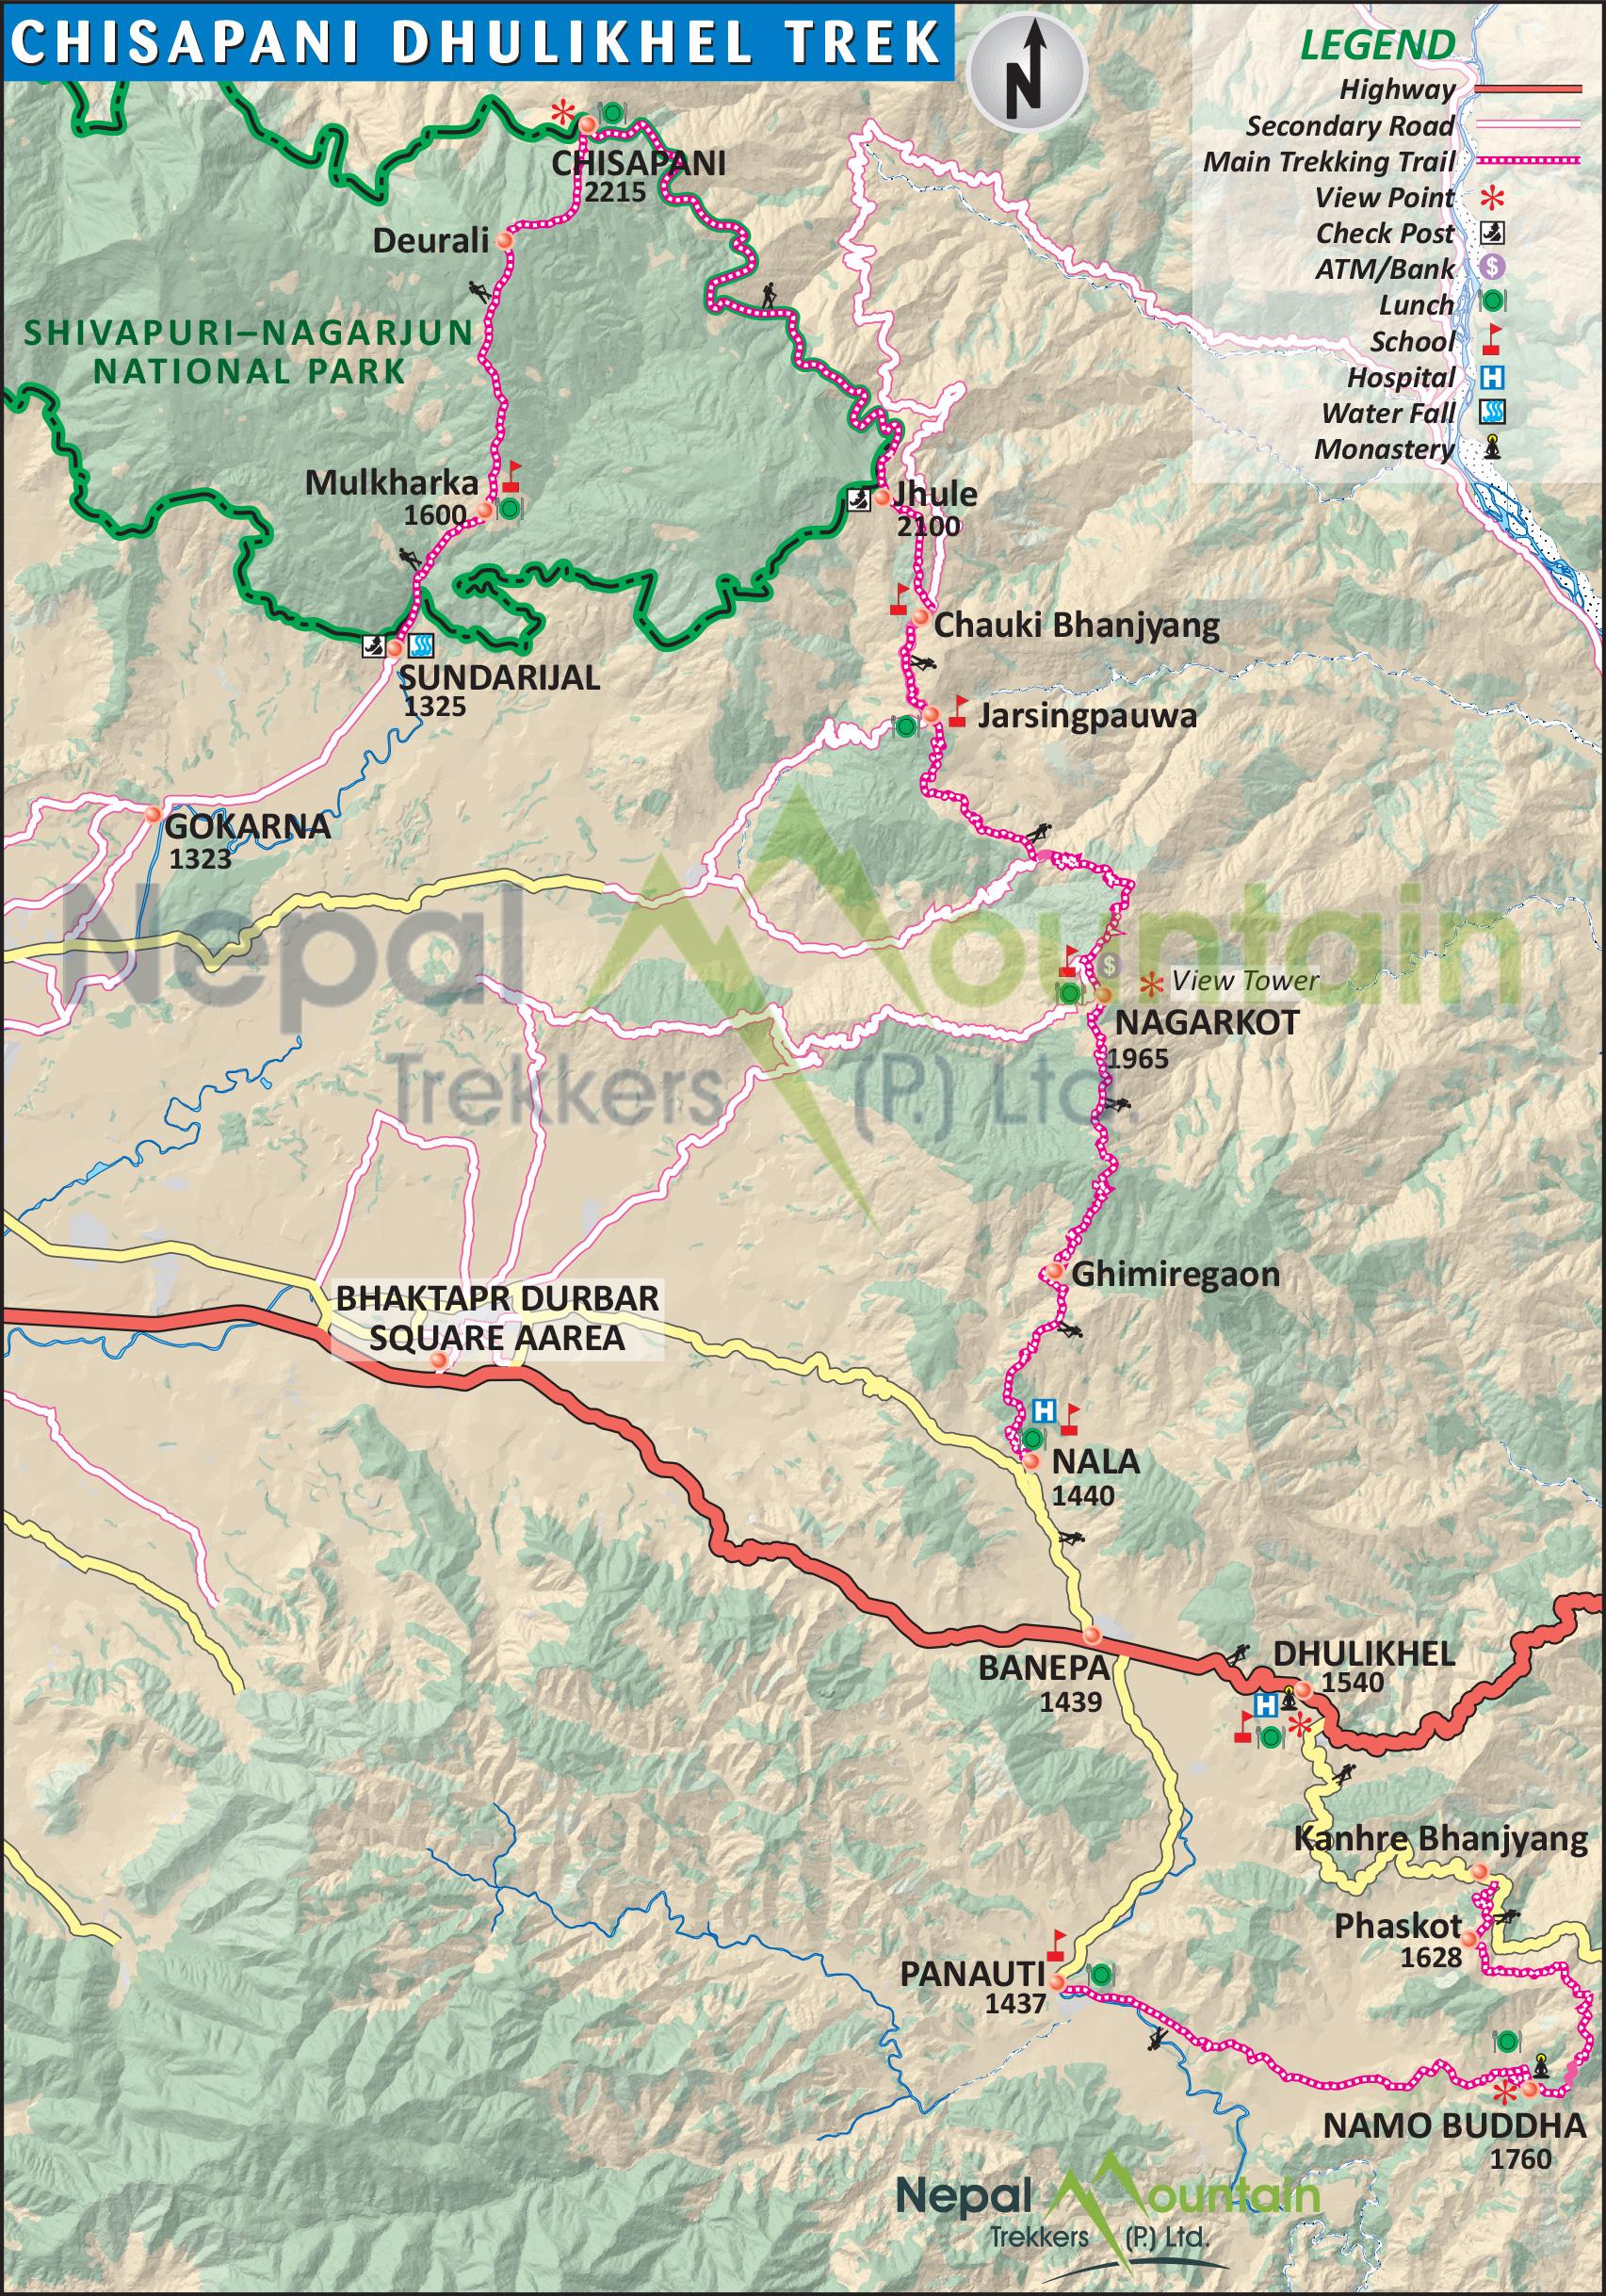 map of Chisapani Dhulikhel Trekking